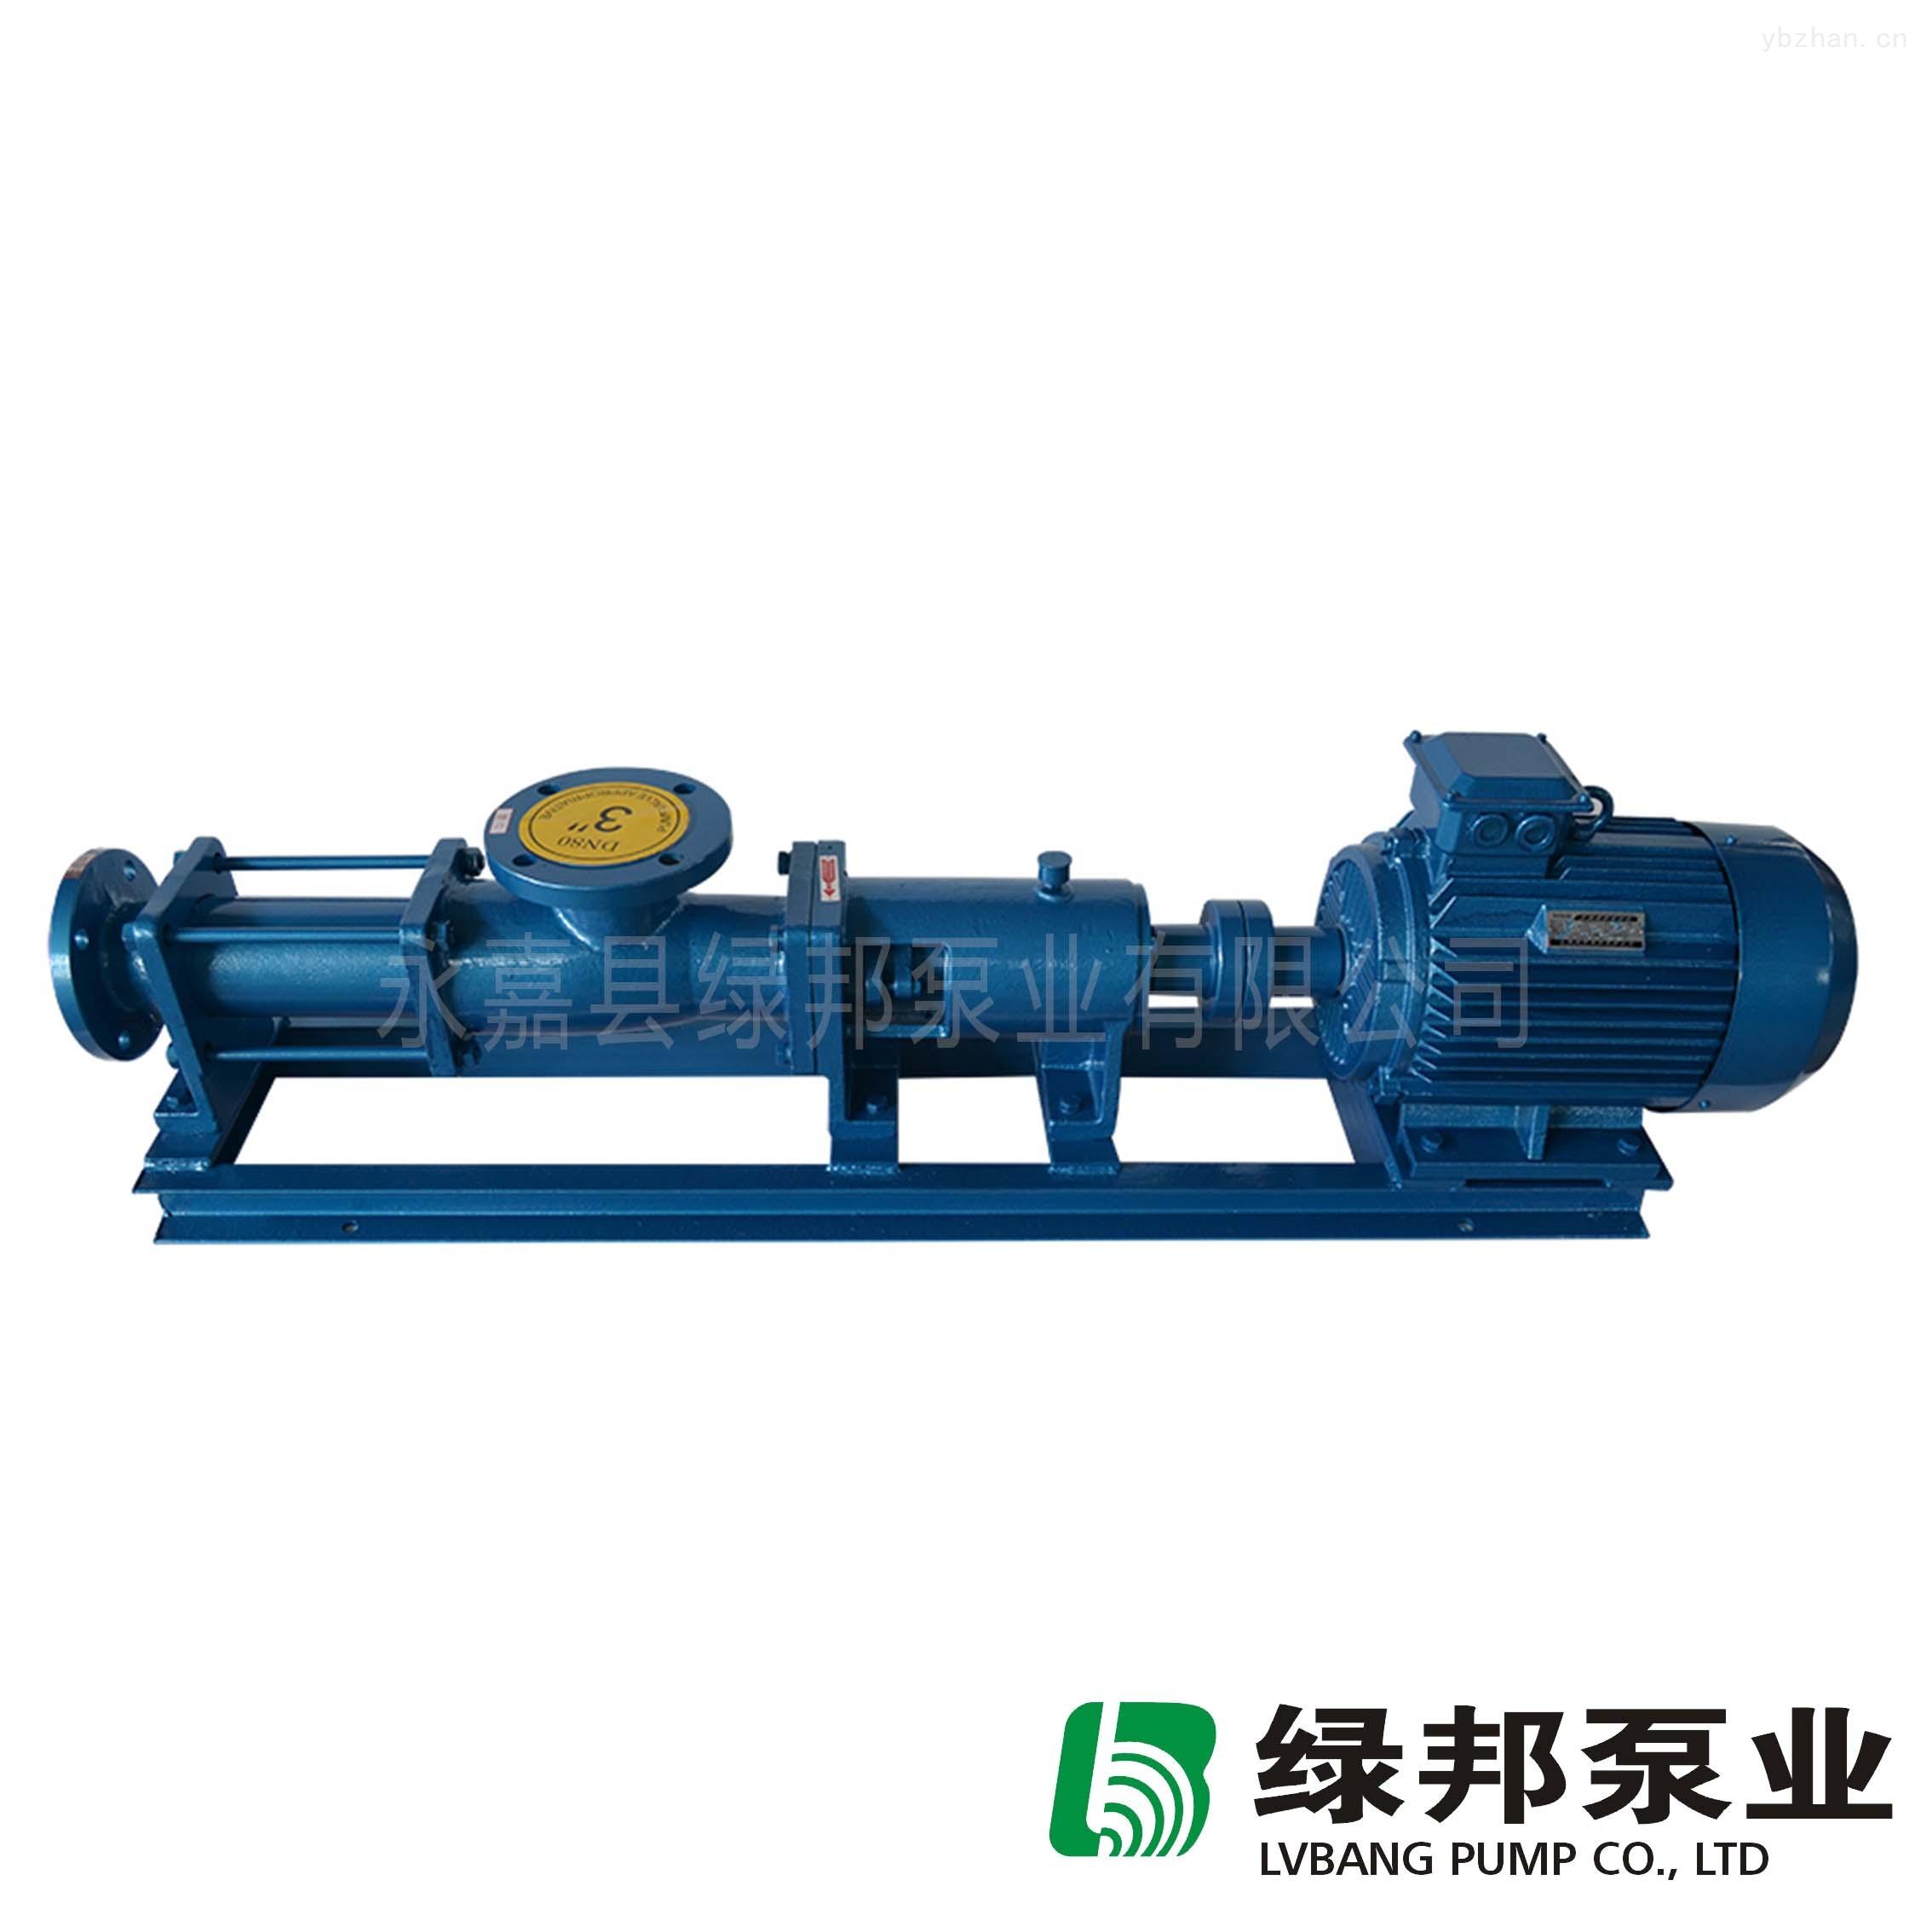 现货永嘉供应G型单螺杆泵